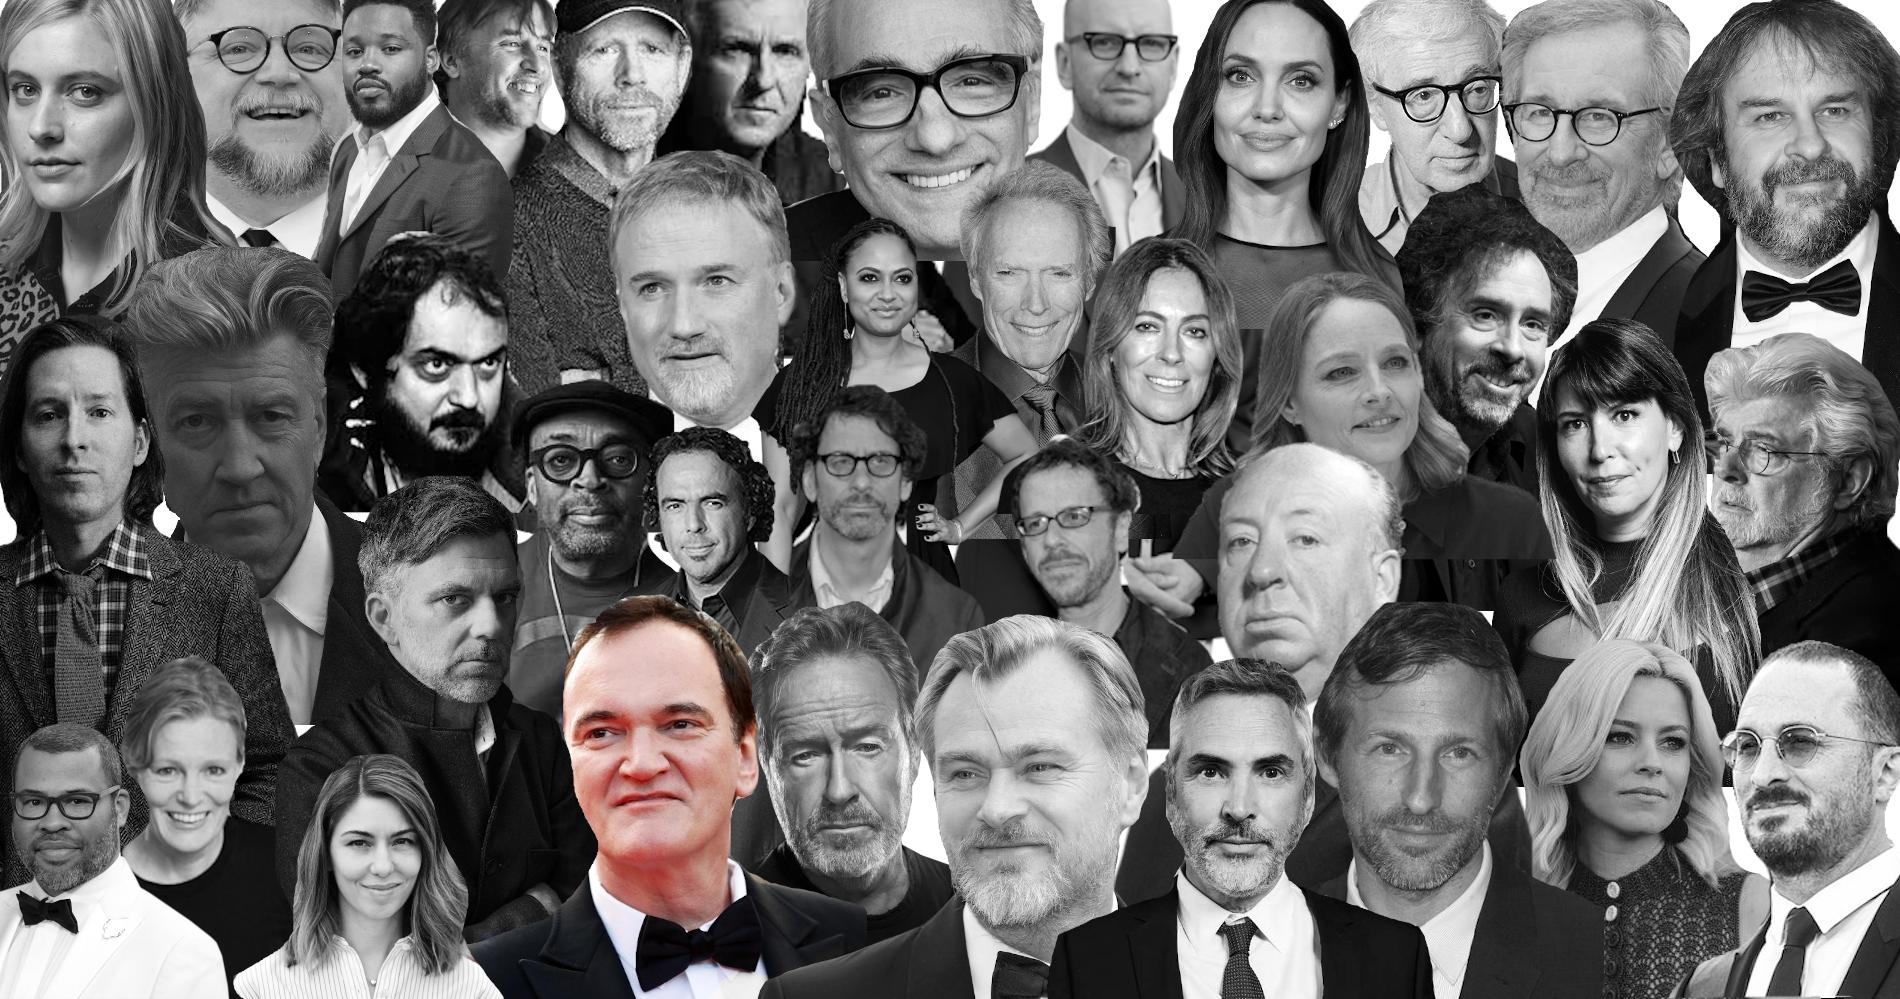 """<span class=""""entry-title-primary"""">La Voce Del Regista: Quentin Tarantino</span> <span class=""""entry-subtitle"""">Vediamo come si comporta dietro la telecamera il regista di C'era Una Volta A Hollywood!</span>"""